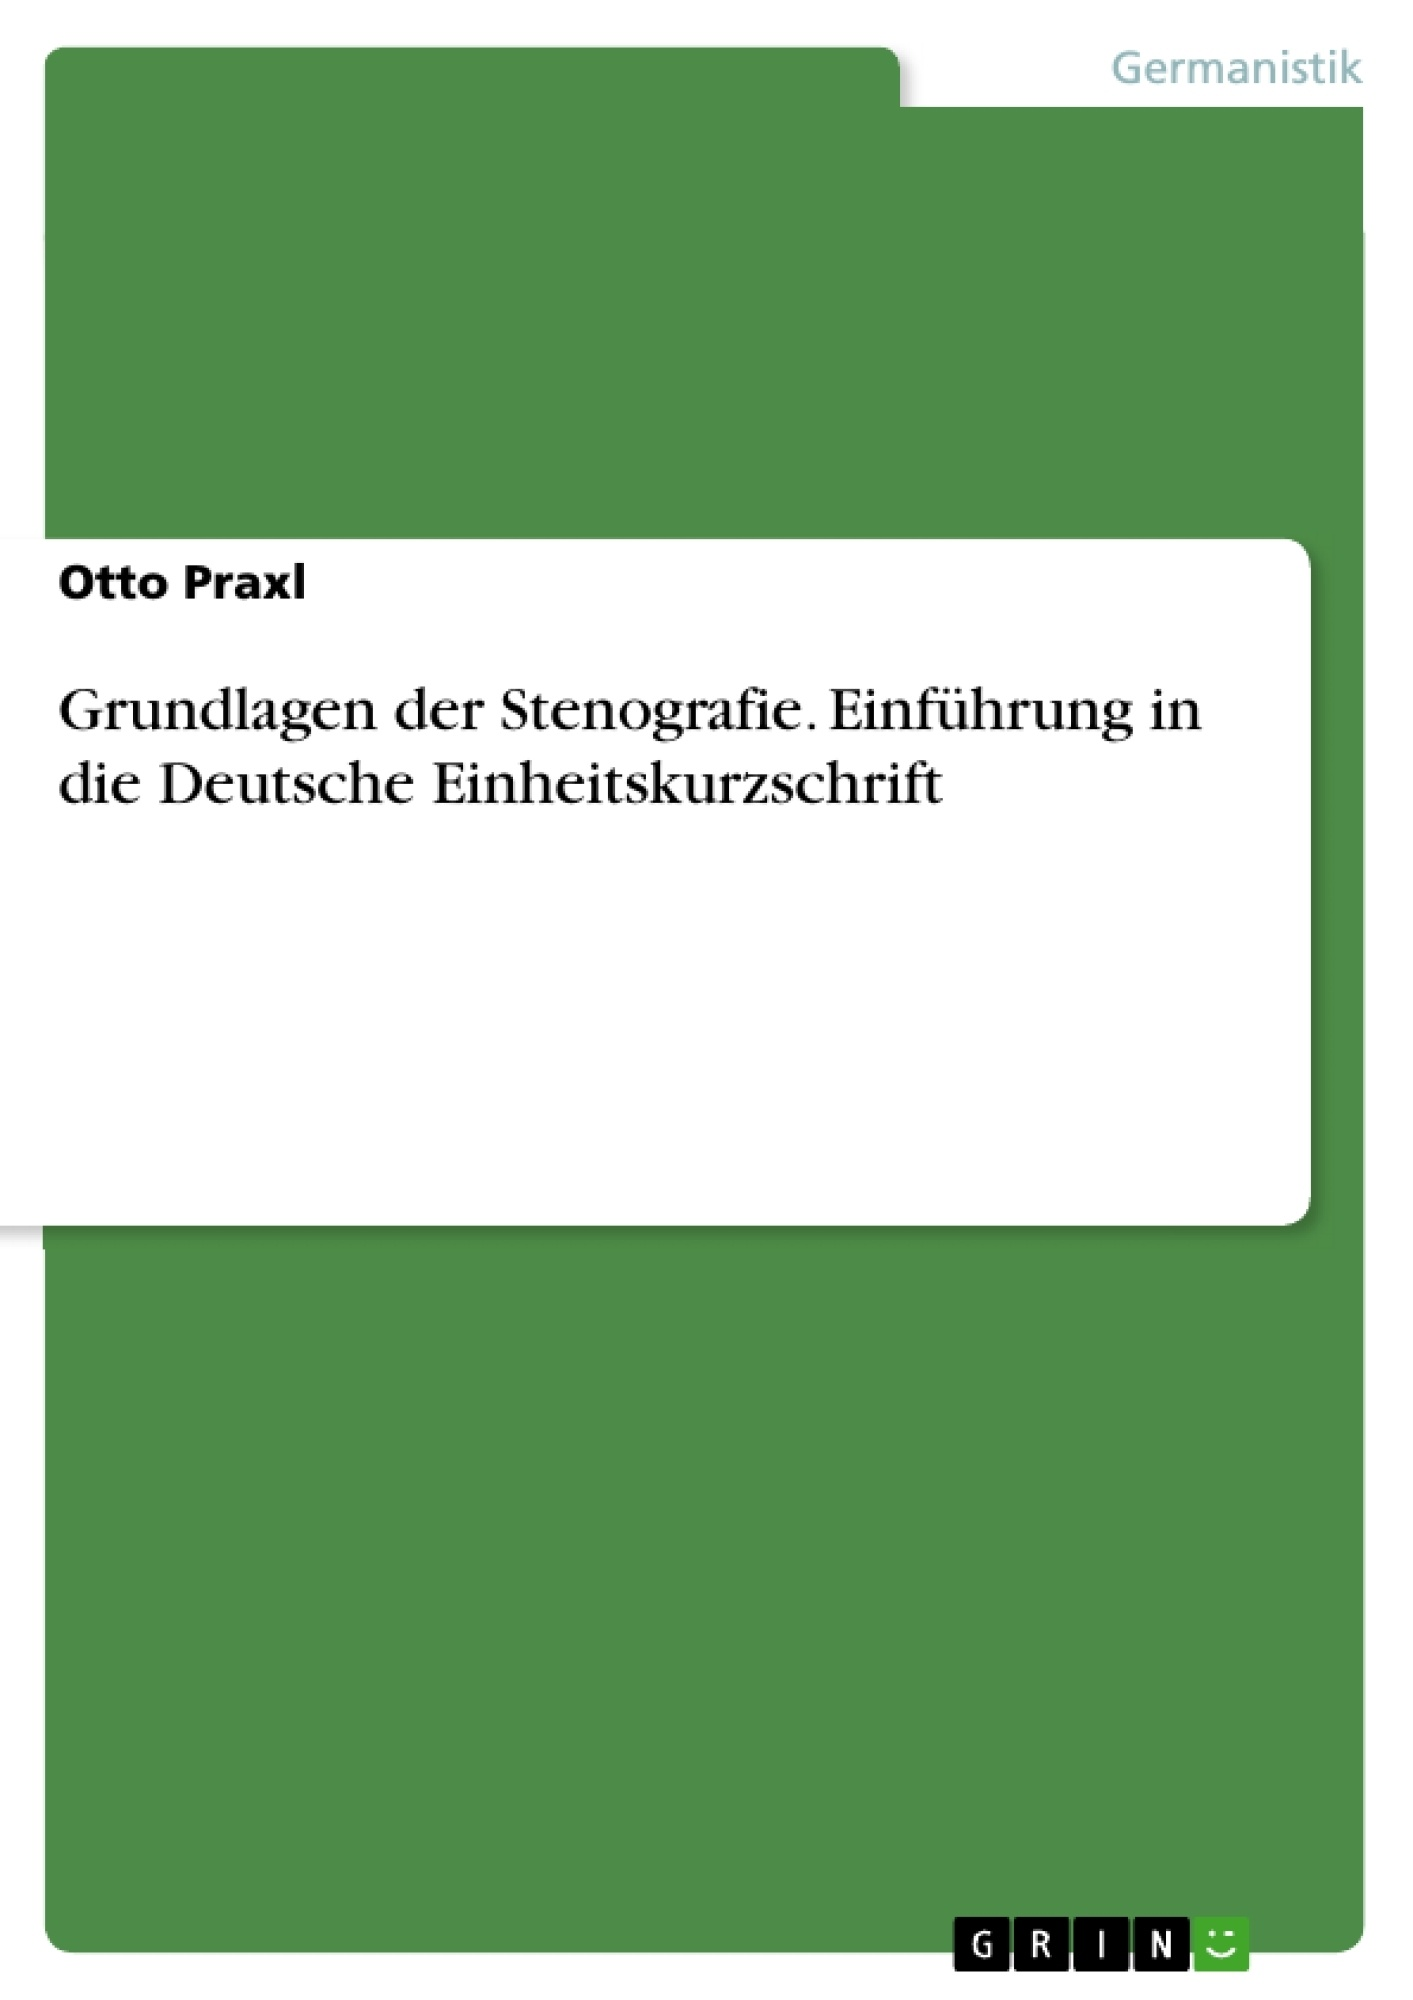 Titel: Grundlagen der Stenografie. Einführung in die Deutsche Einheitskurzschrift